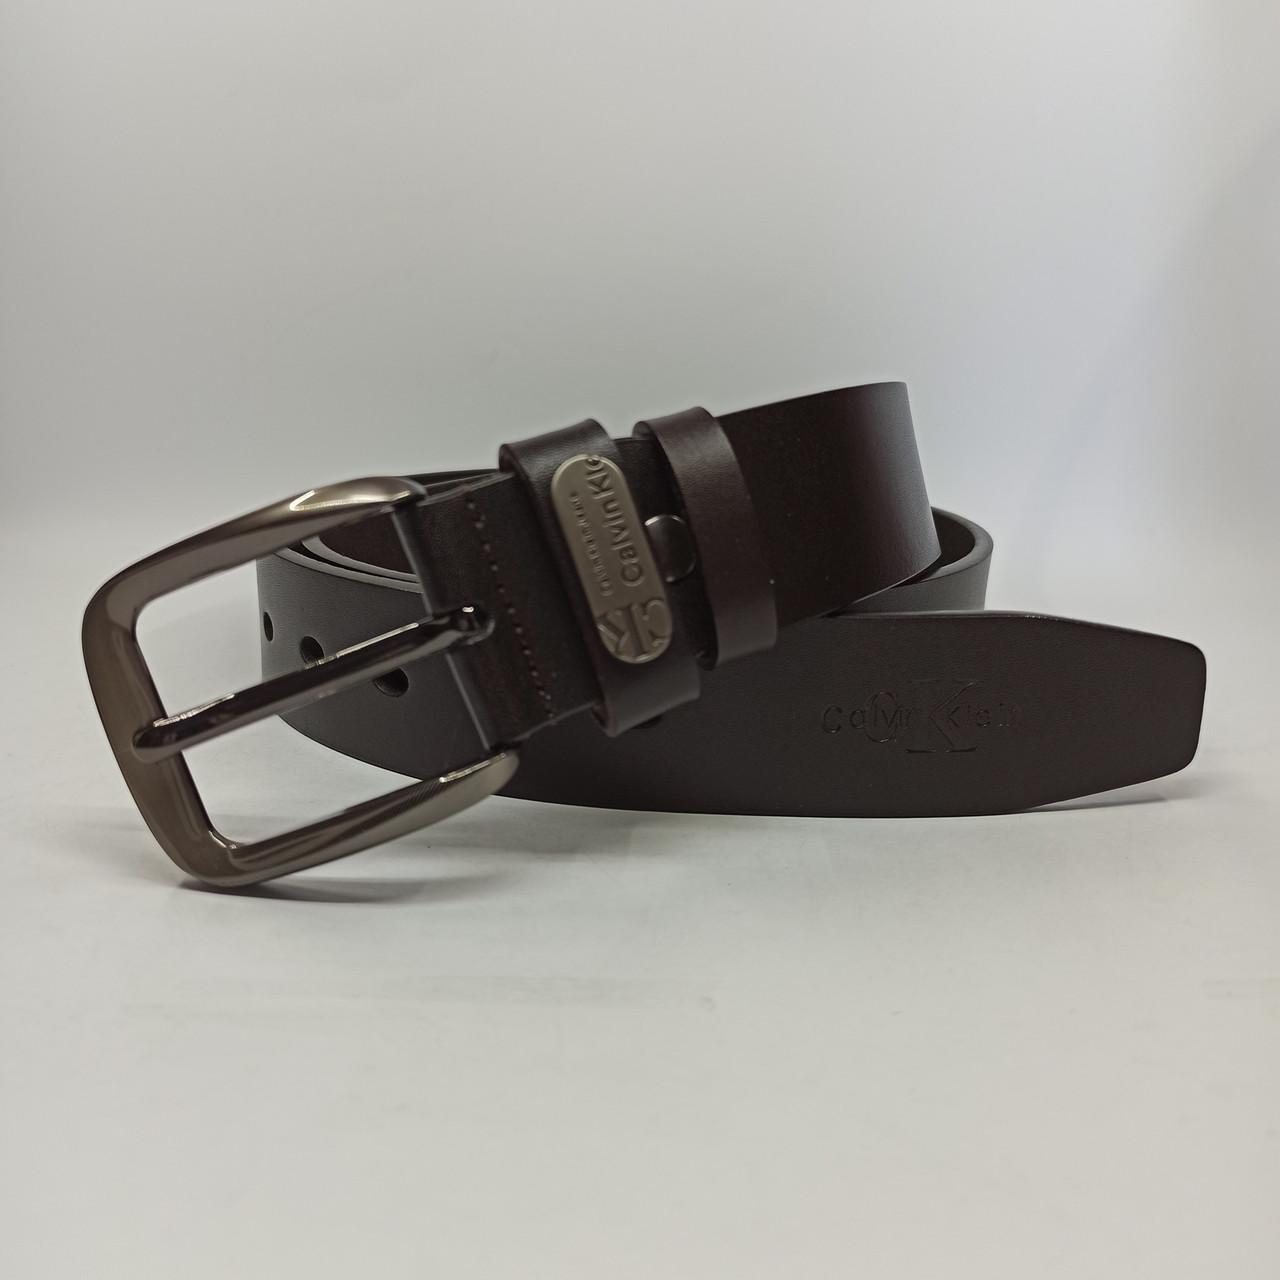 Шкіряний чоловічий ремінь/ Кожаный мужской ремень 02929 brown